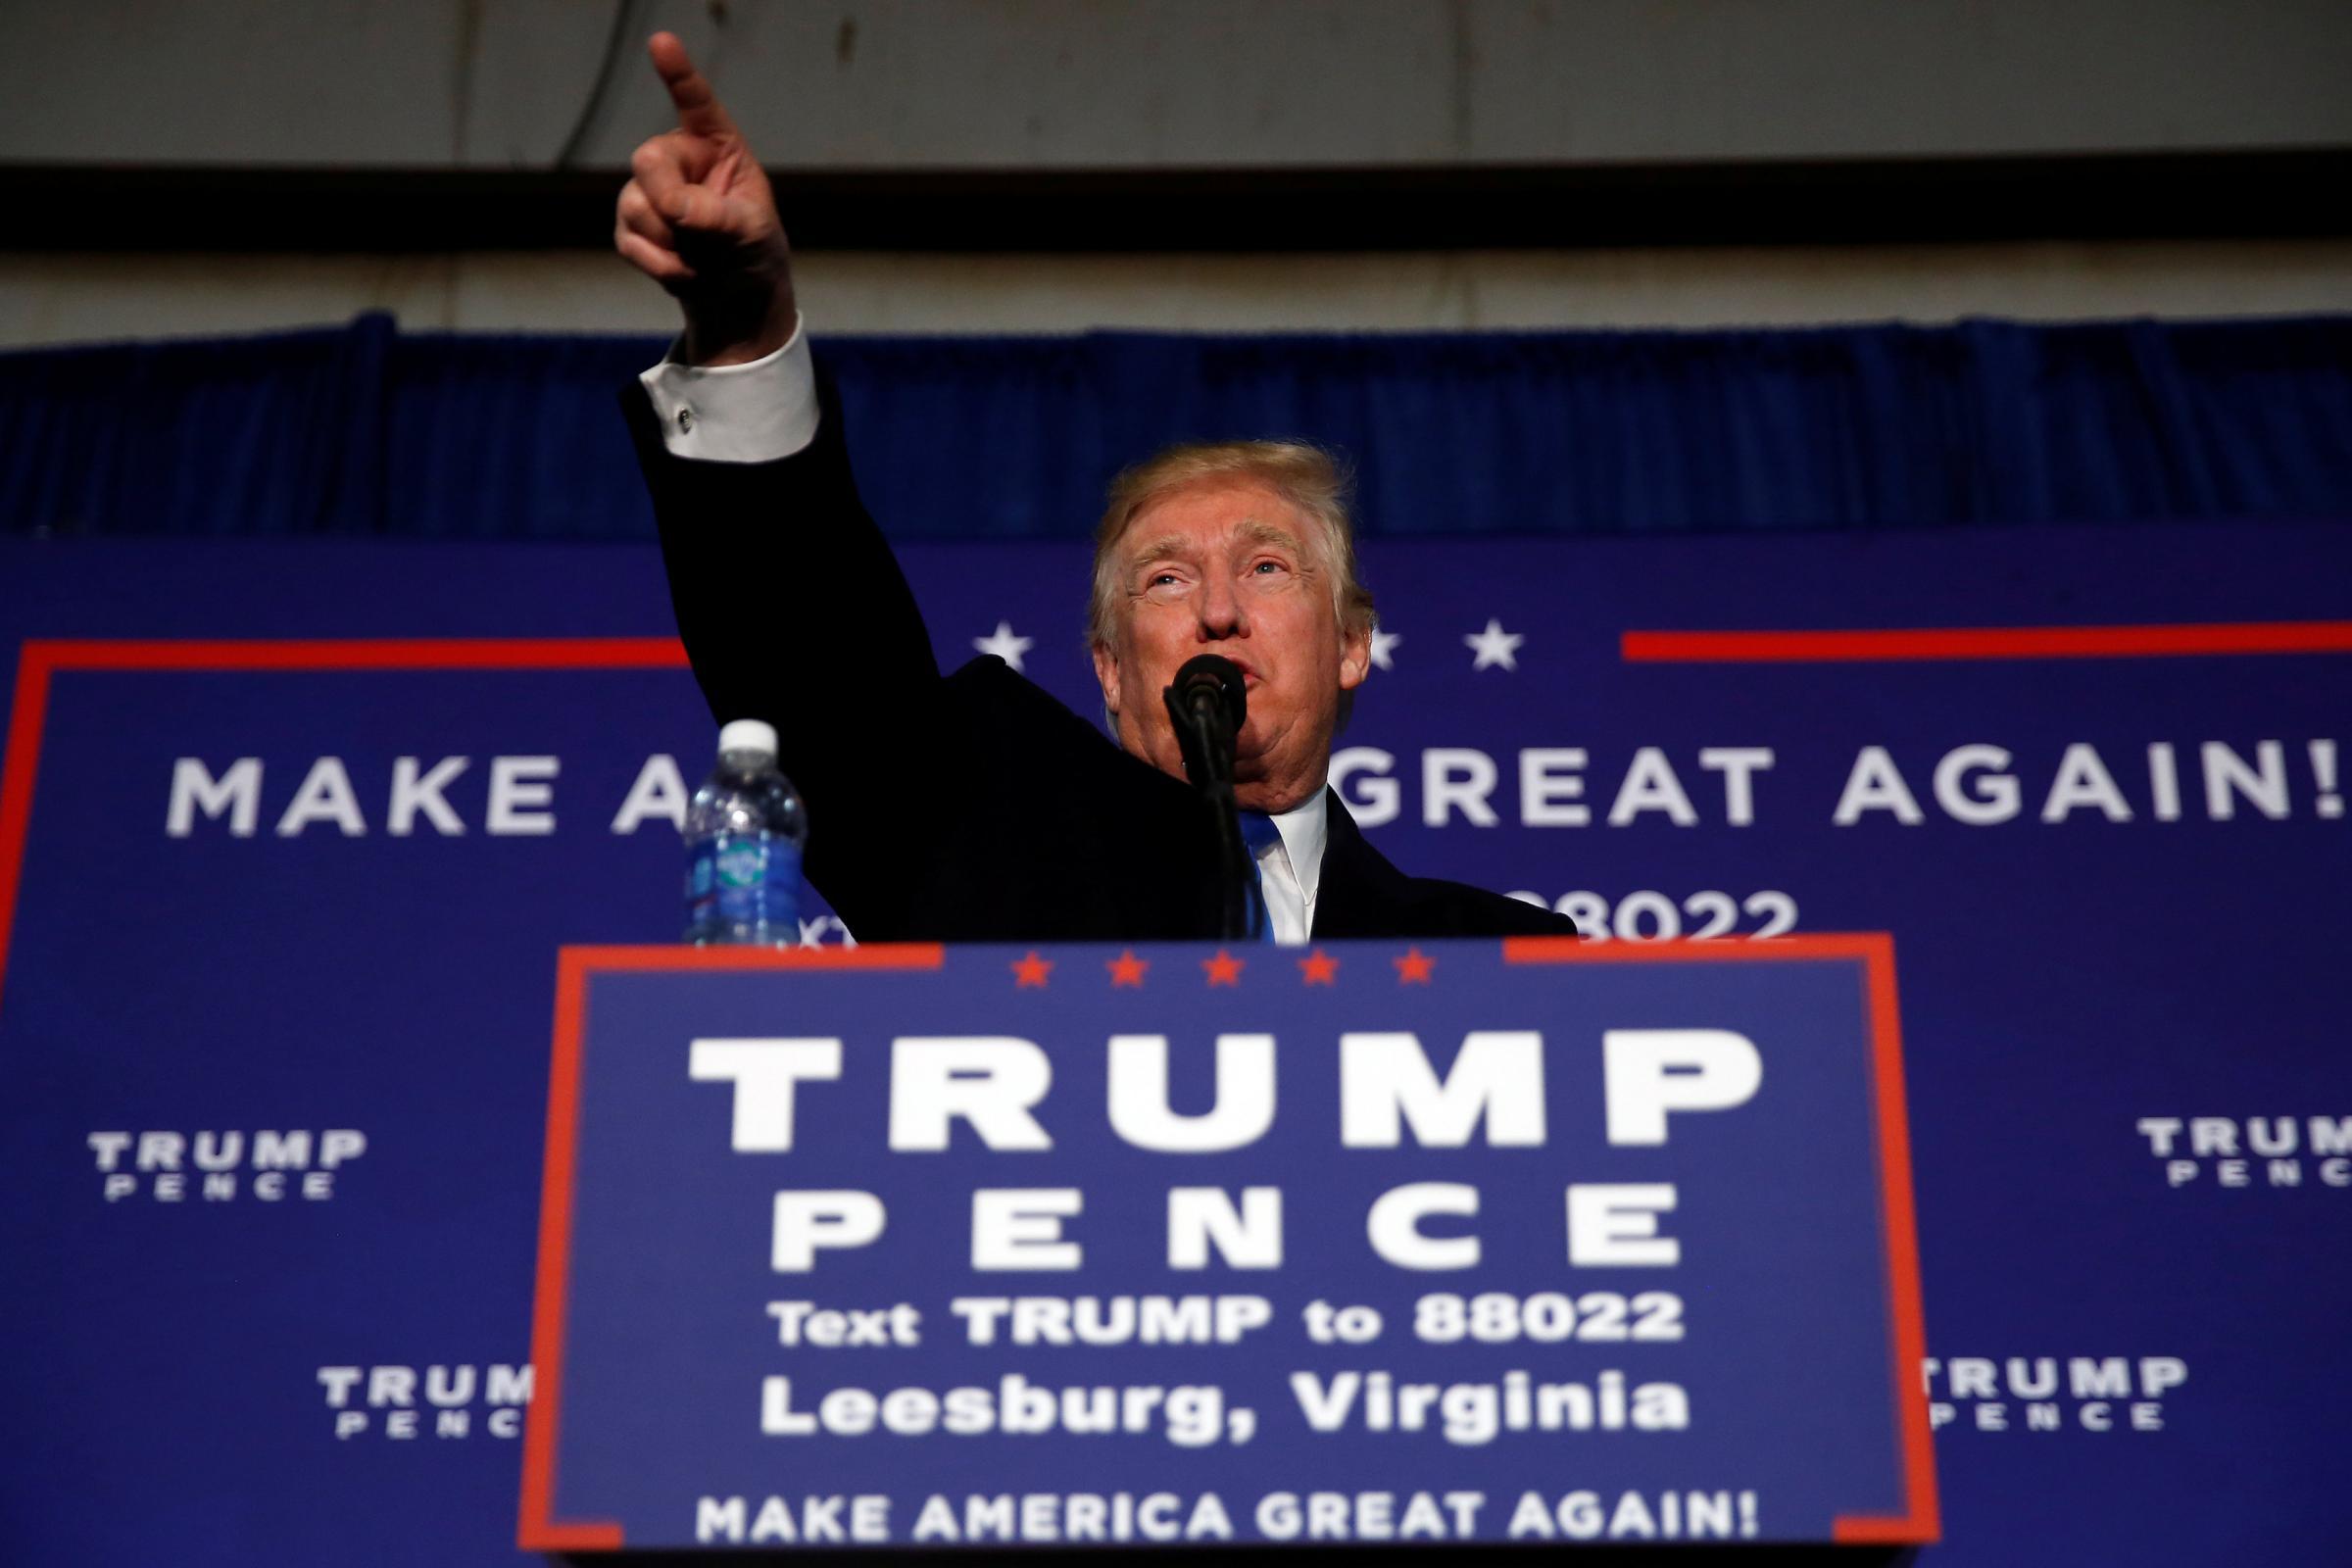 Gli ultimi comizi di Donald Trump in vista delle presidenziali Usa